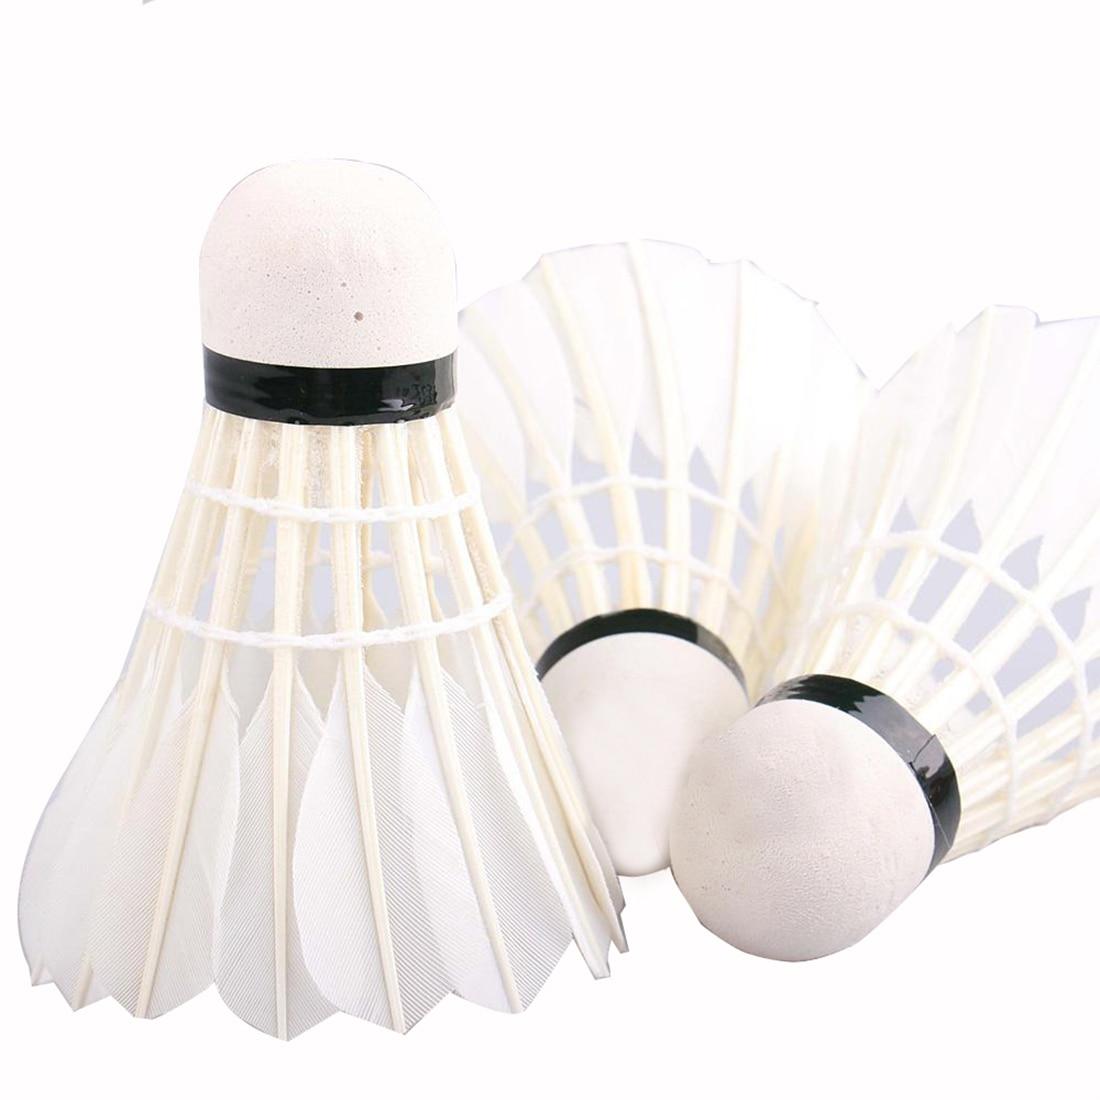 Vroče prodajajo 12pcs / lot Badminton žogice gosje perje jakne badminton žoge na prostem športni dodatki za badminton